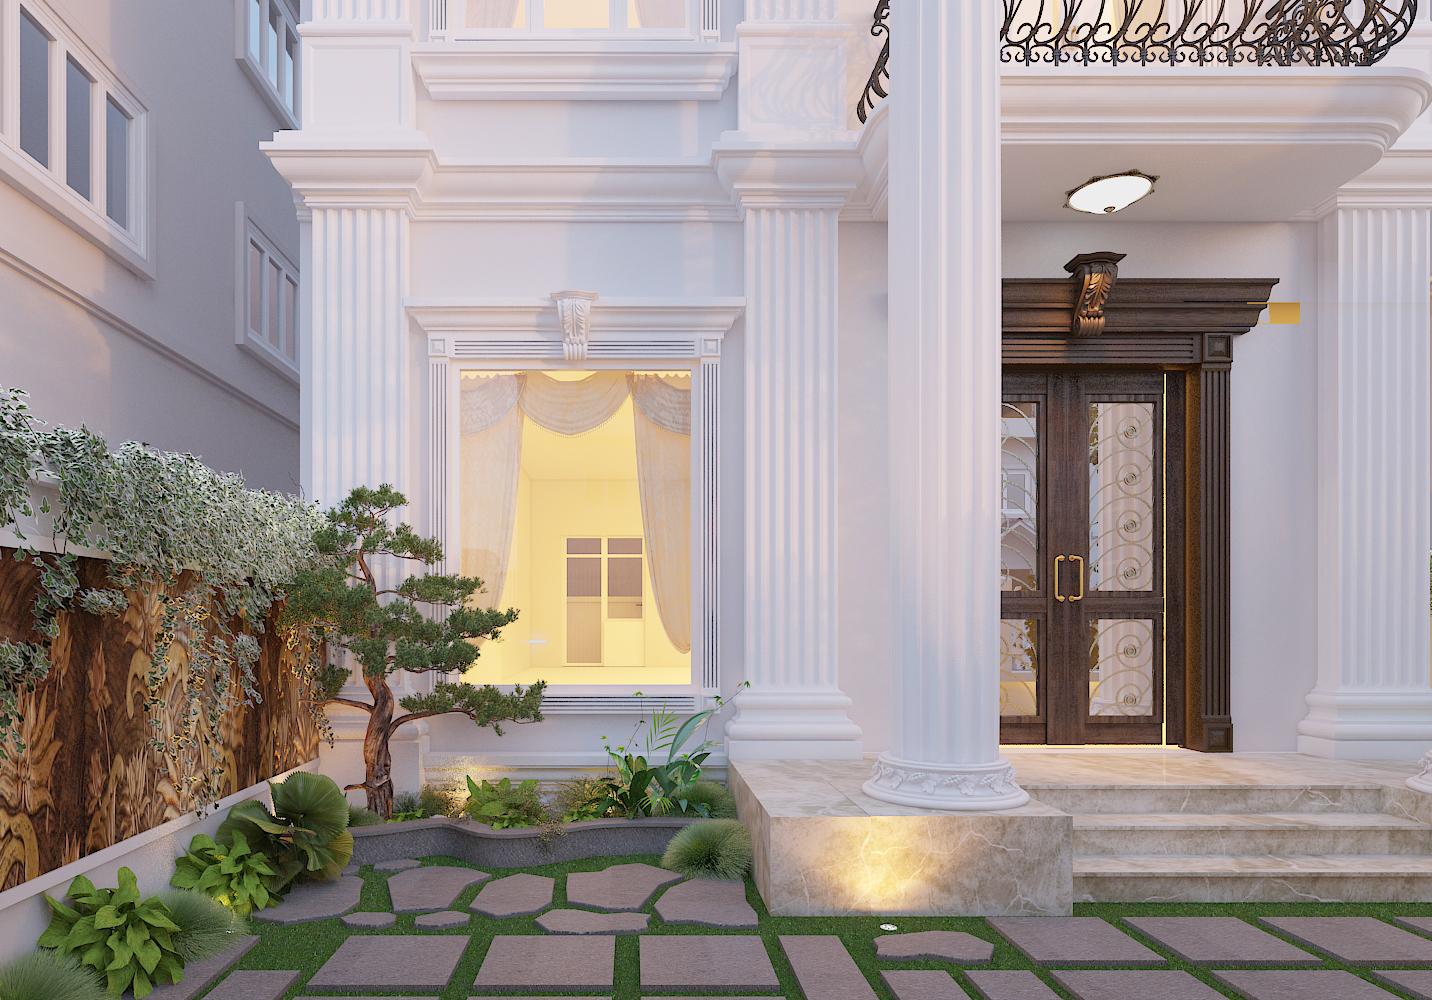 thiết kế nội thất Biệt Thự tại Hà Nội bt Vinhomes - riverside 9 1568276258